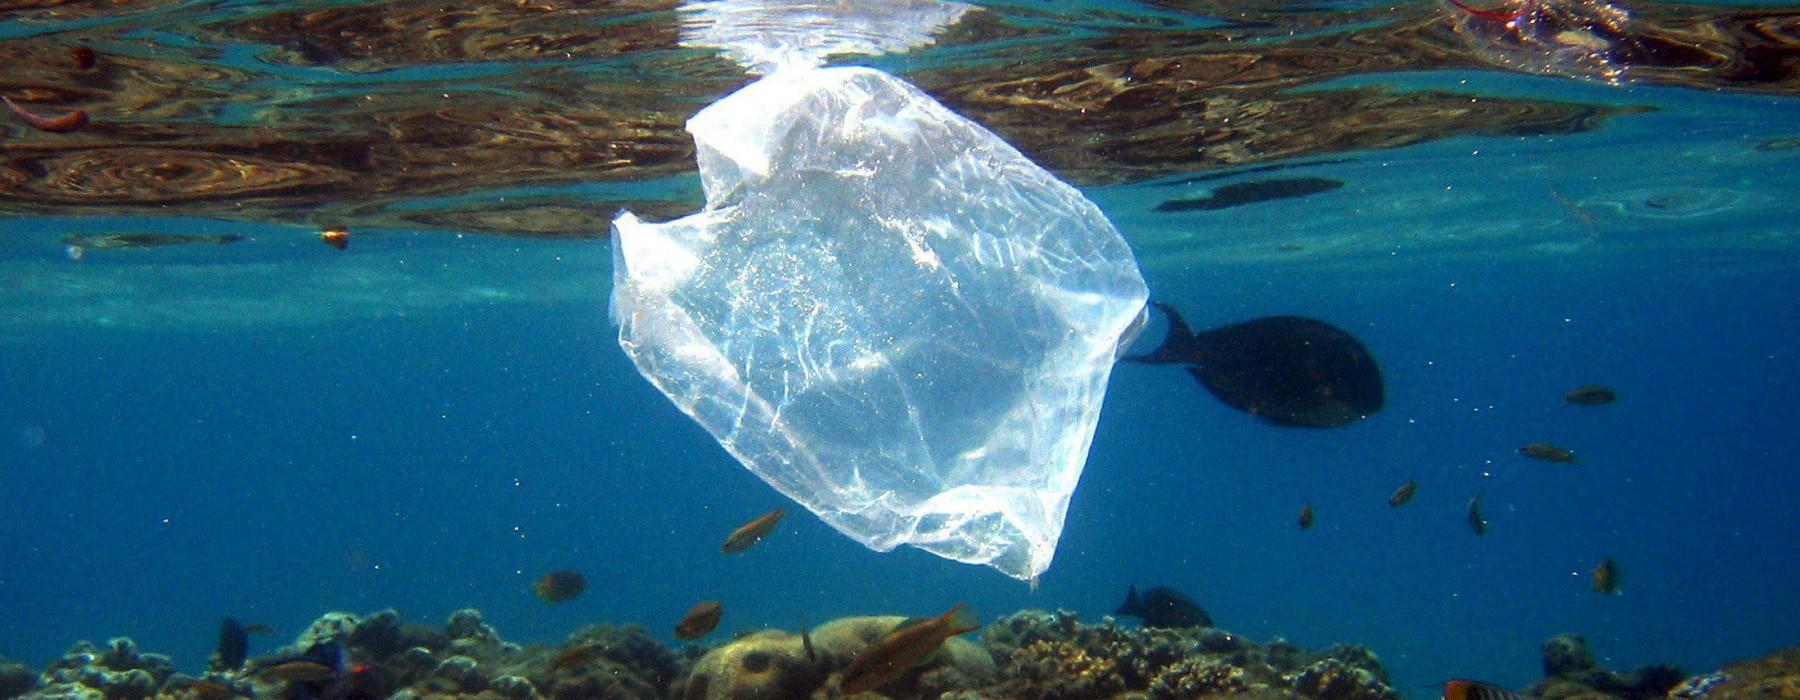 en 2050 habr m s pl stico que peces en los mares astrolabio